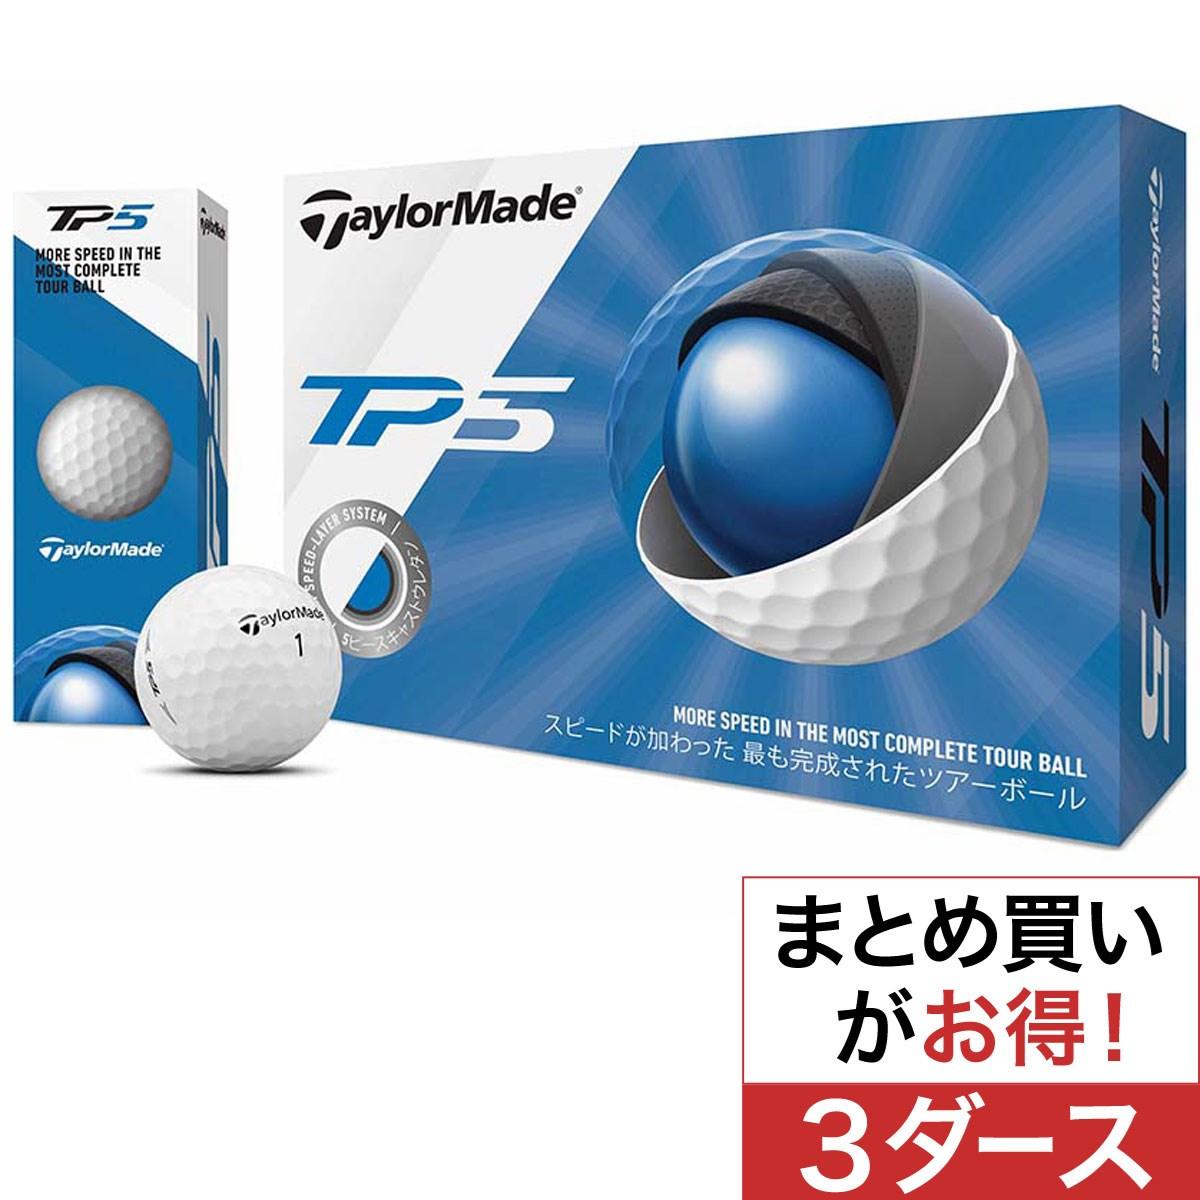 テーラーメイド(Taylor Made) TP5 ボール 3ダースセット